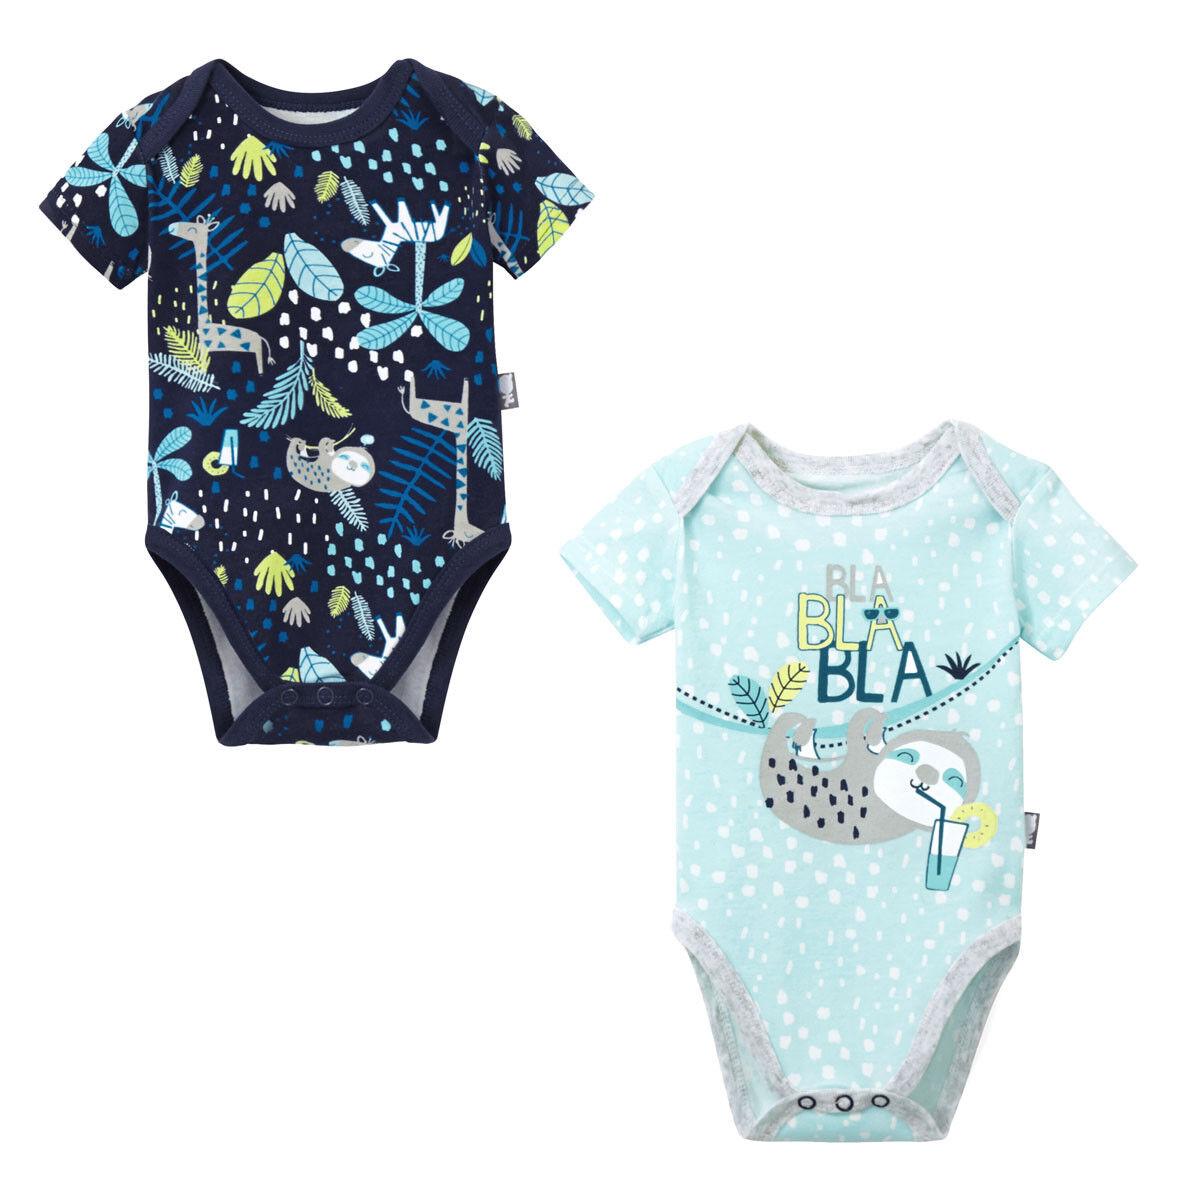 Petit Béguin Lot de 2 bodies bébé garçon manches courtes Pampa - Taille - 24 mois